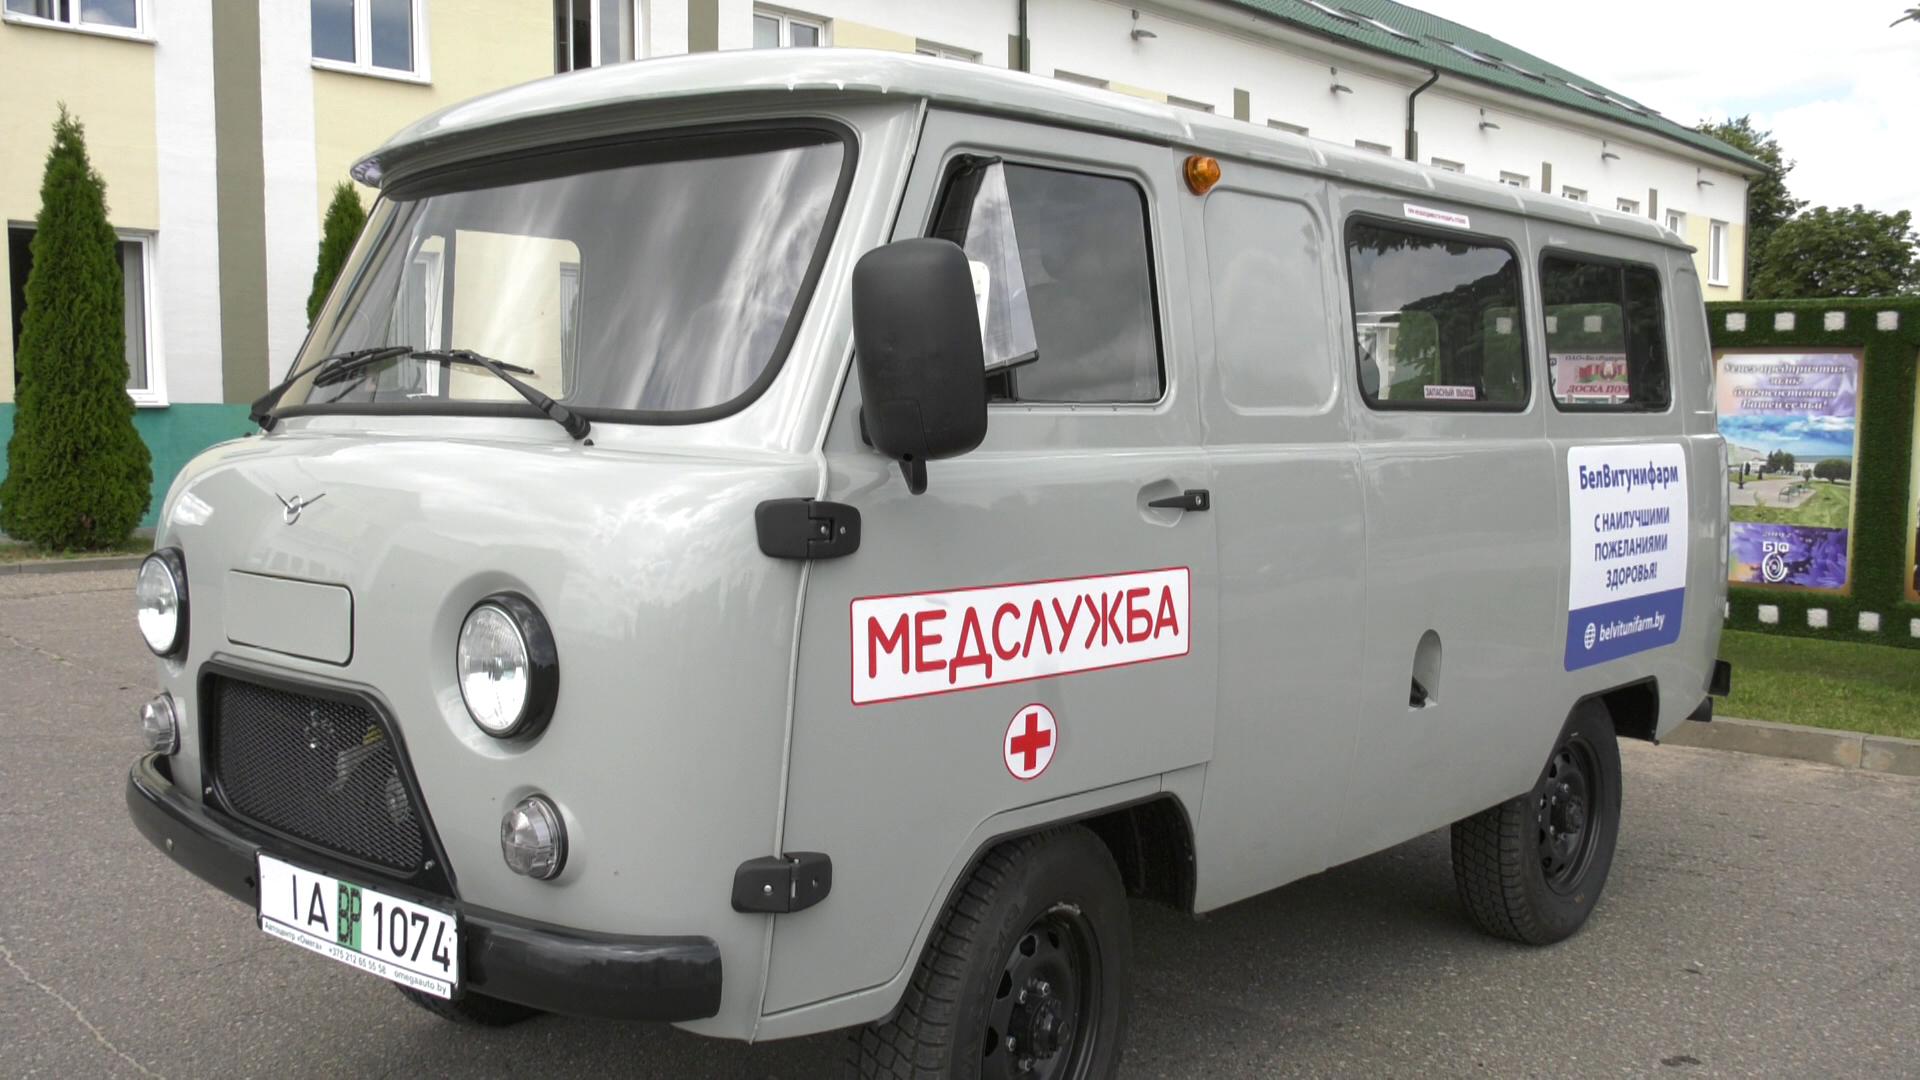 vitunifarm - Предприятие «БелВитунифарм» подарило медикам машину (видео)